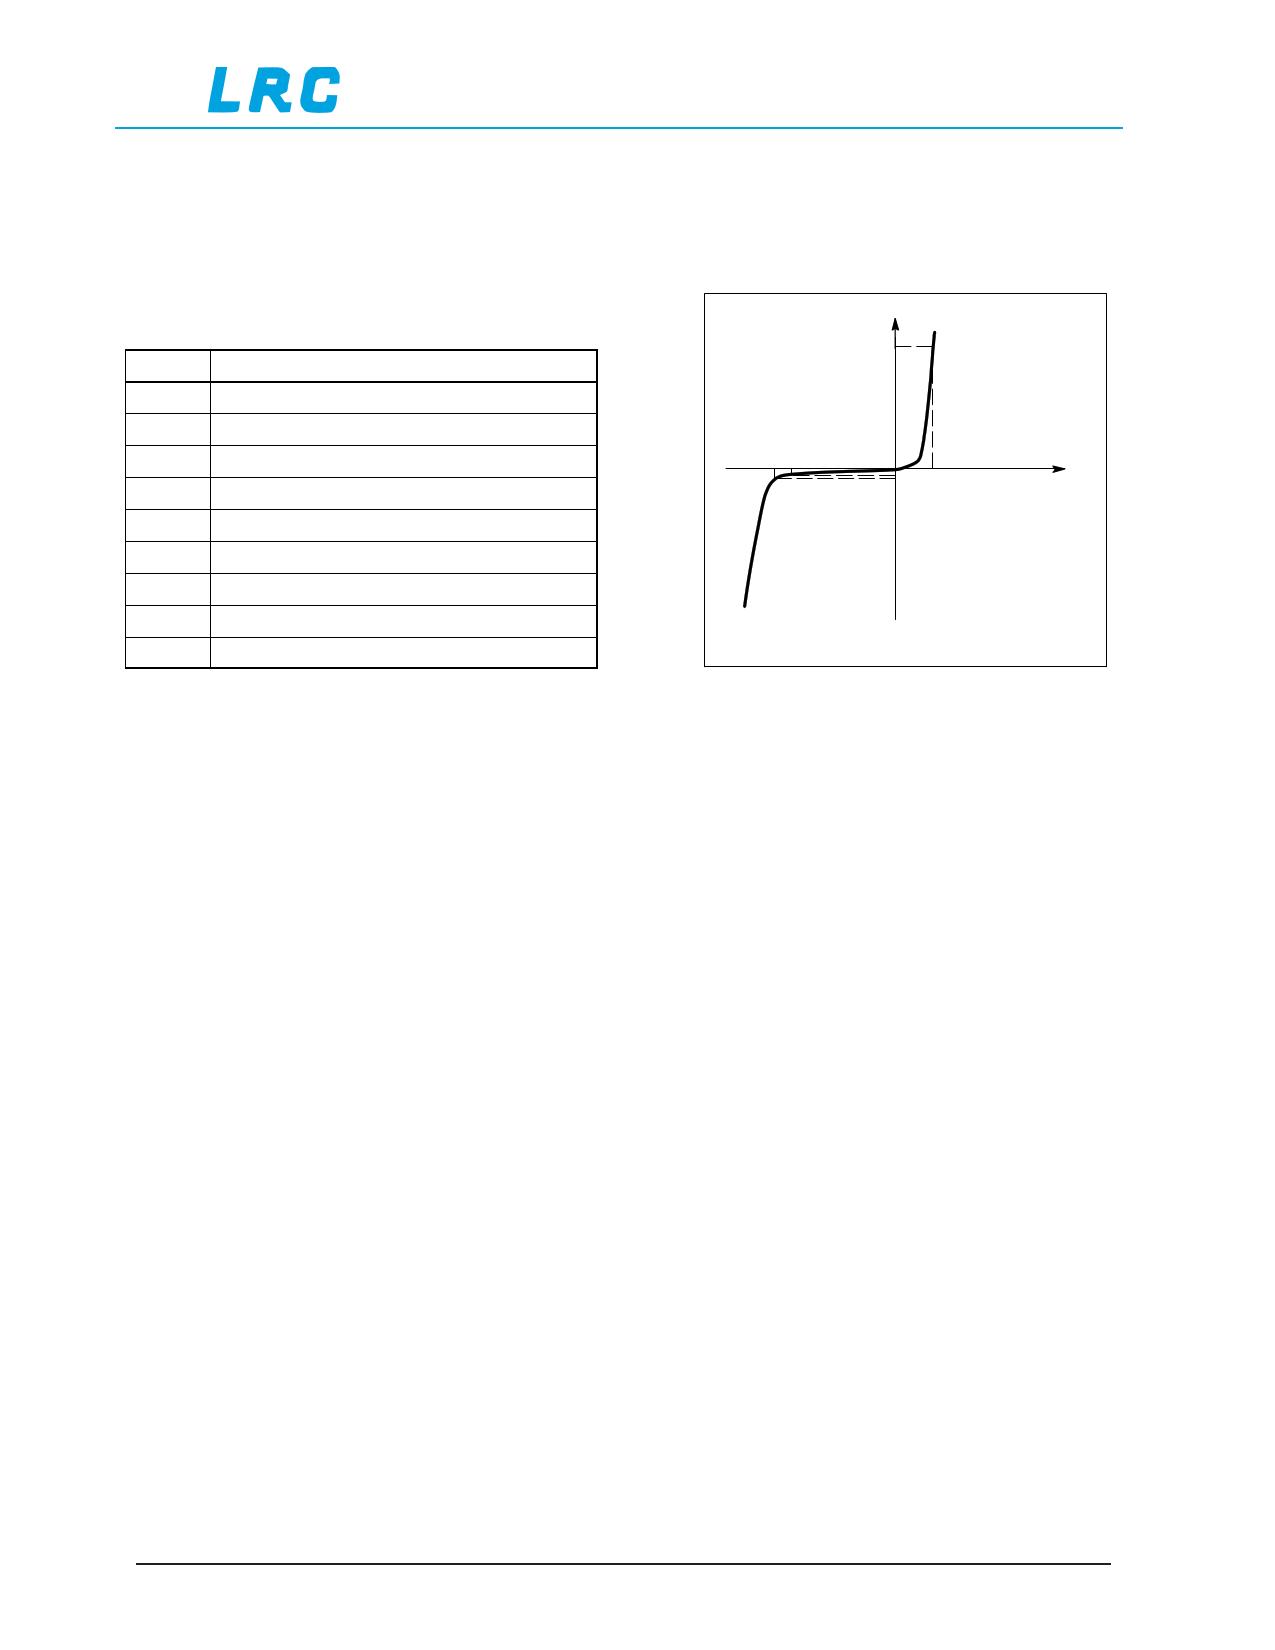 LMSZ5259BT1G pdf, schematic